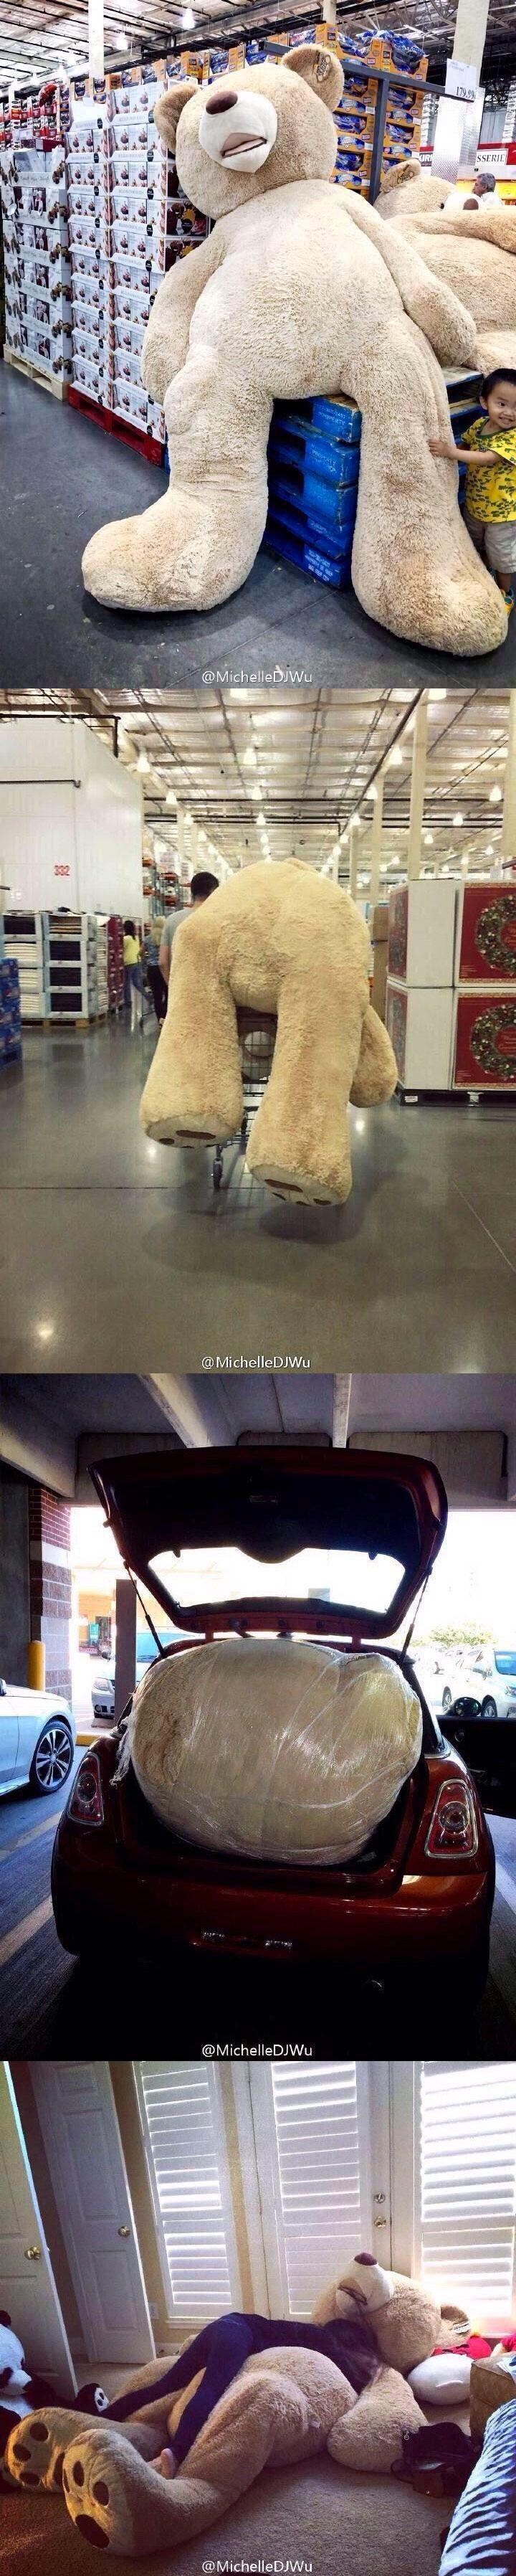 The life of a stuffed bear / La vida de un oso de peluche.